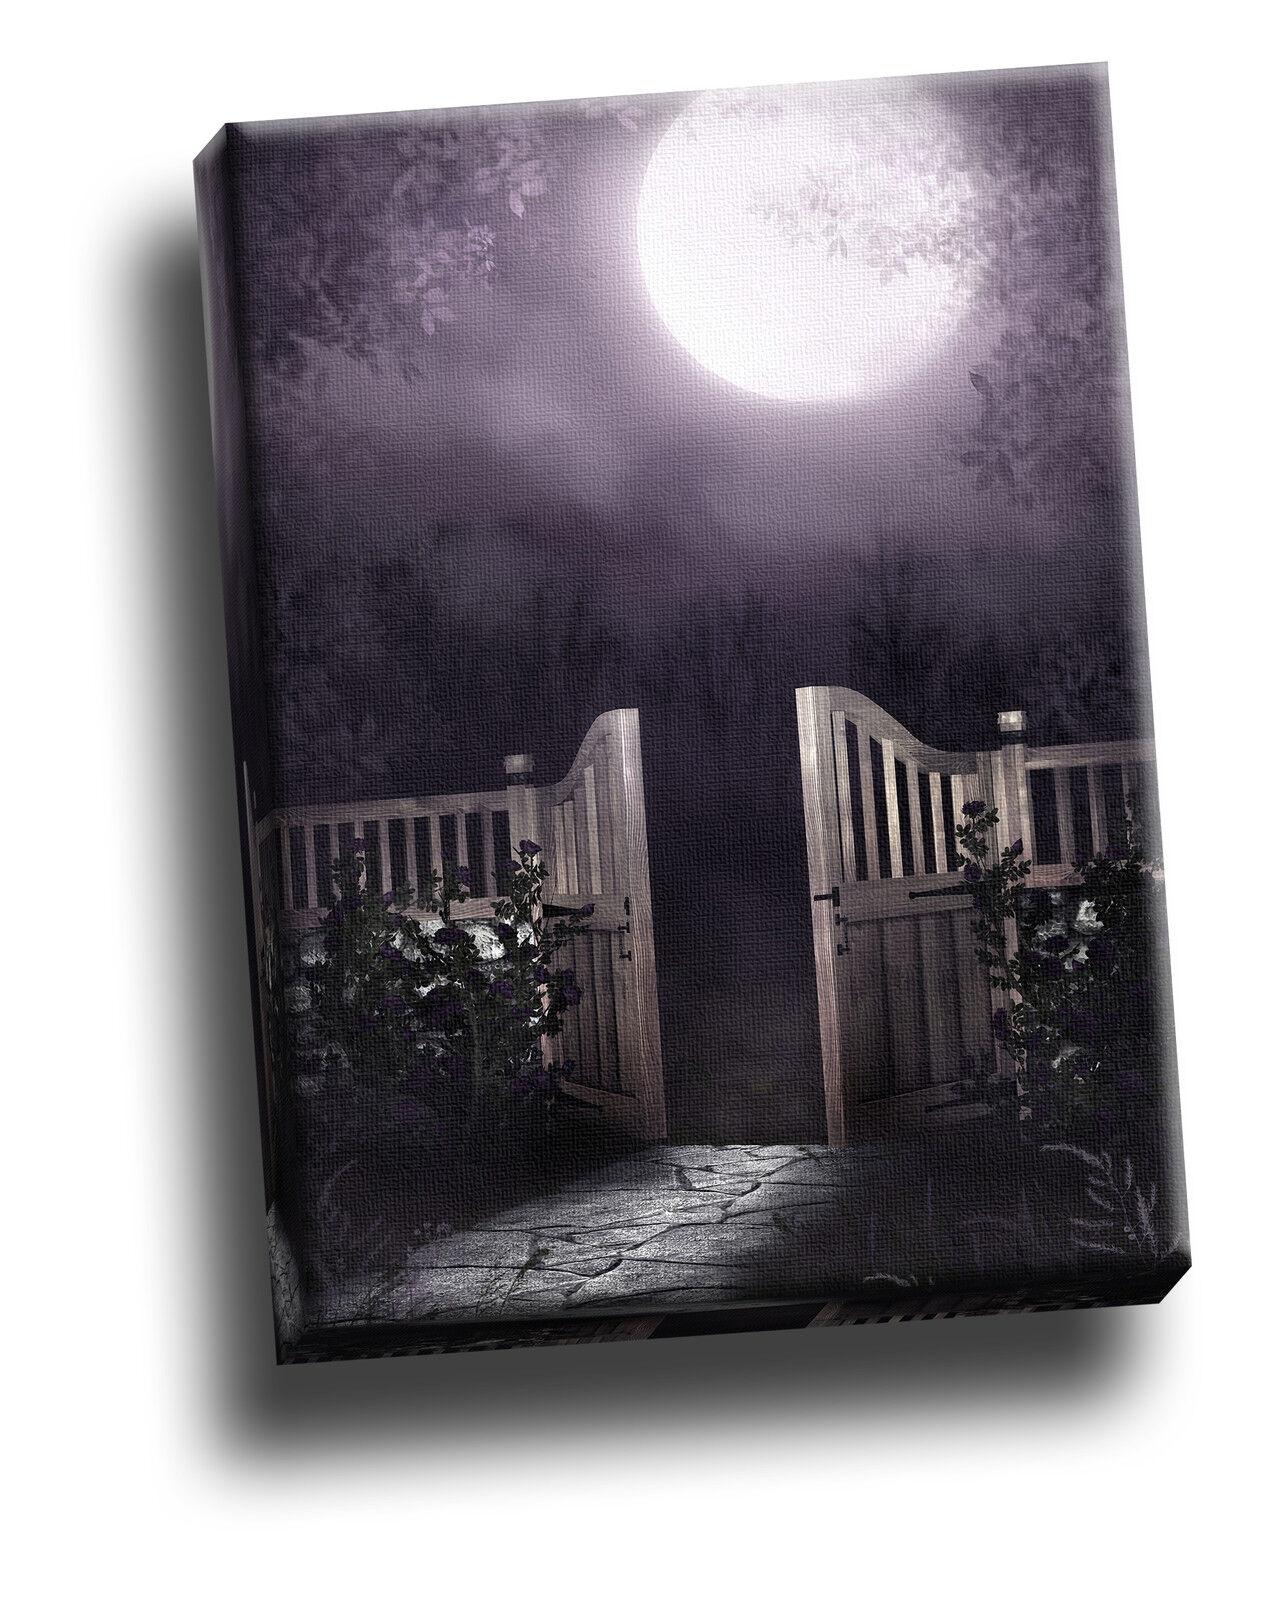 BEAUTIFUL Gothic Gateway & MOON REGALO Canvas Picture ARTE DECORAZIONE